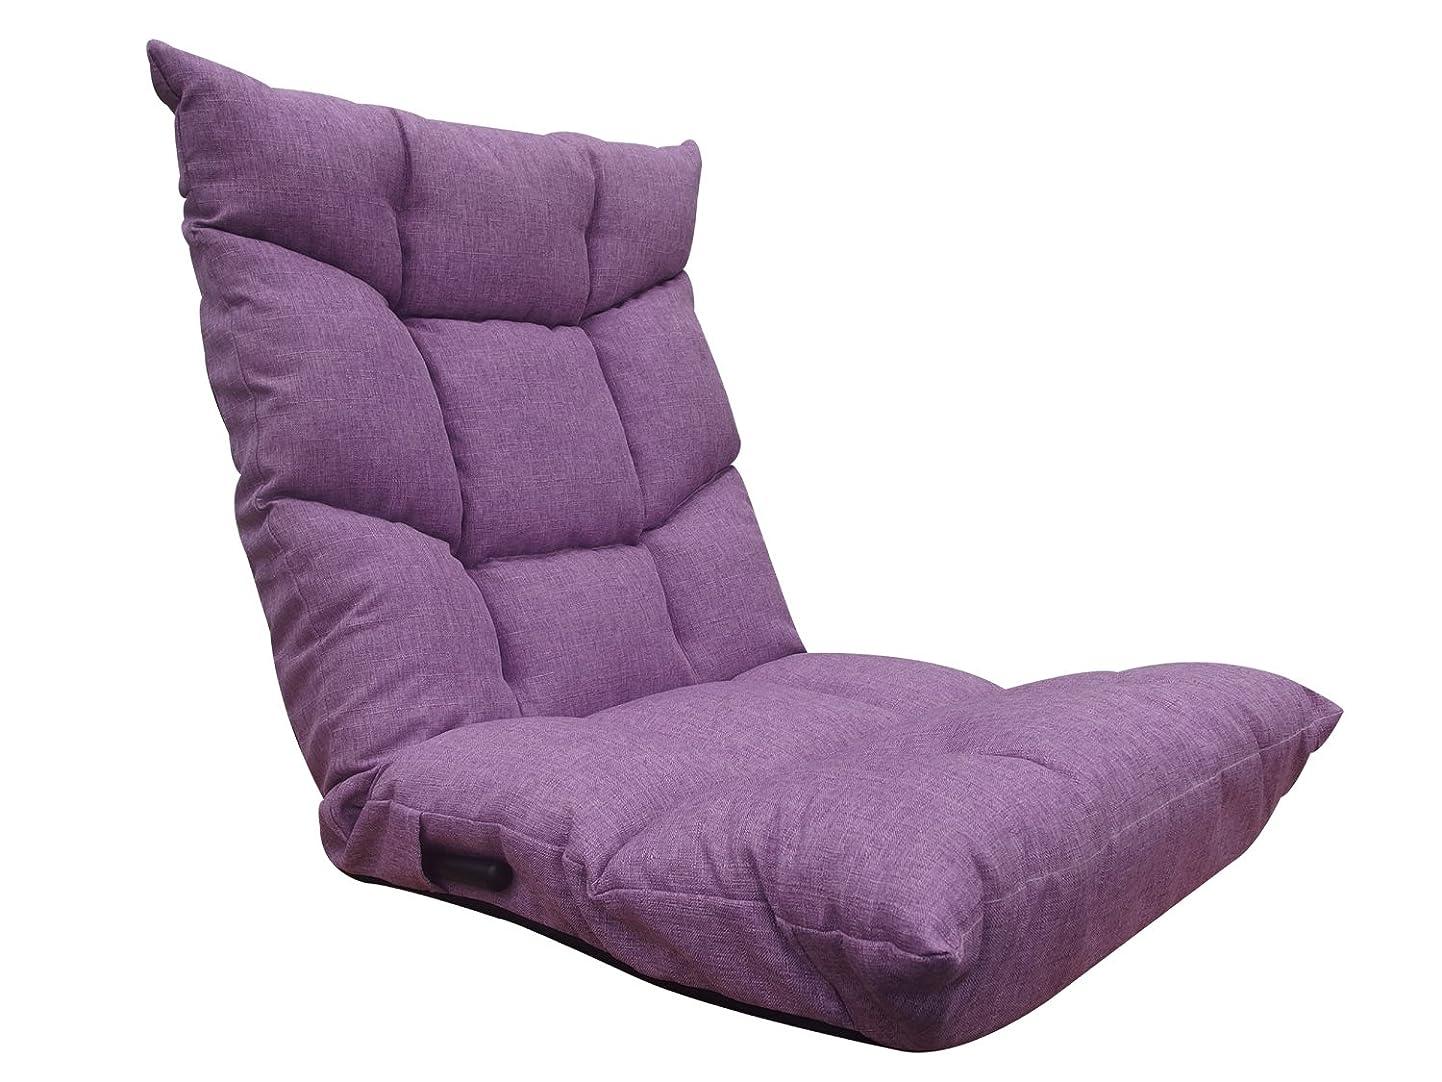 レトルト日光慣れるネクスト(Next) 座椅子 ブラン 低反発ウレタン レバー式 14段階 リクライニング パープル